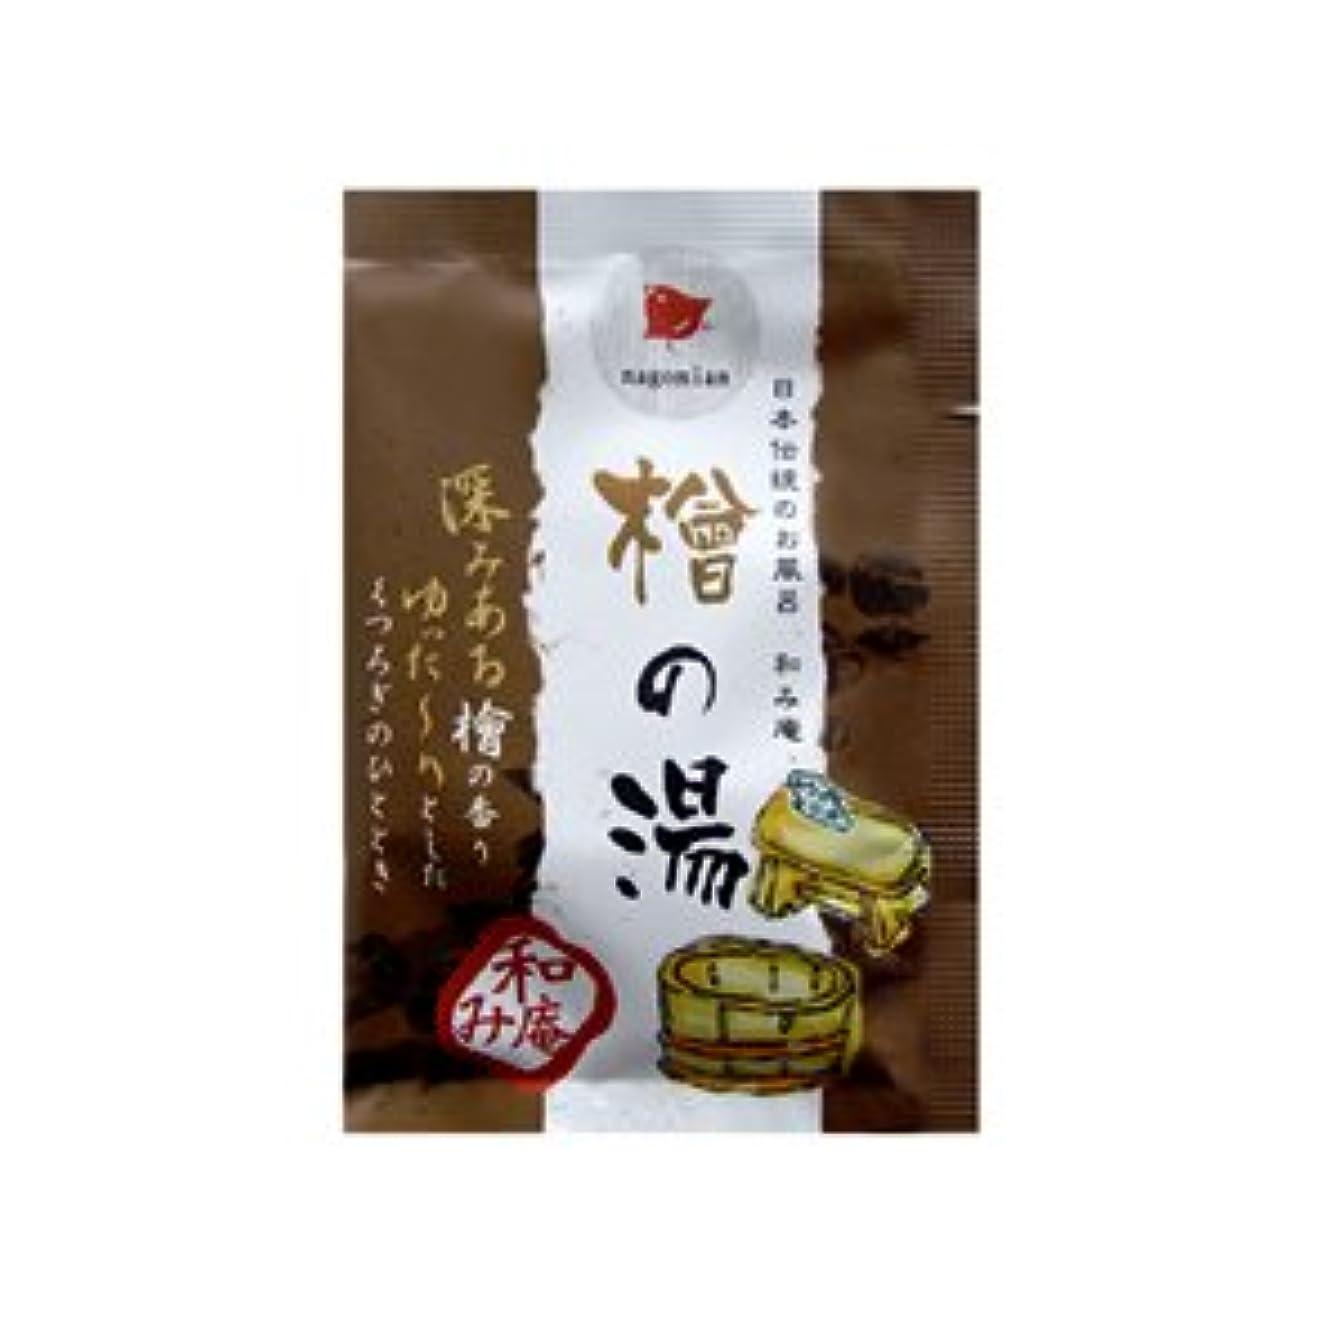 アピールひそかに証人日本伝統のお風呂 和み庵 檜の湯 25g 1包